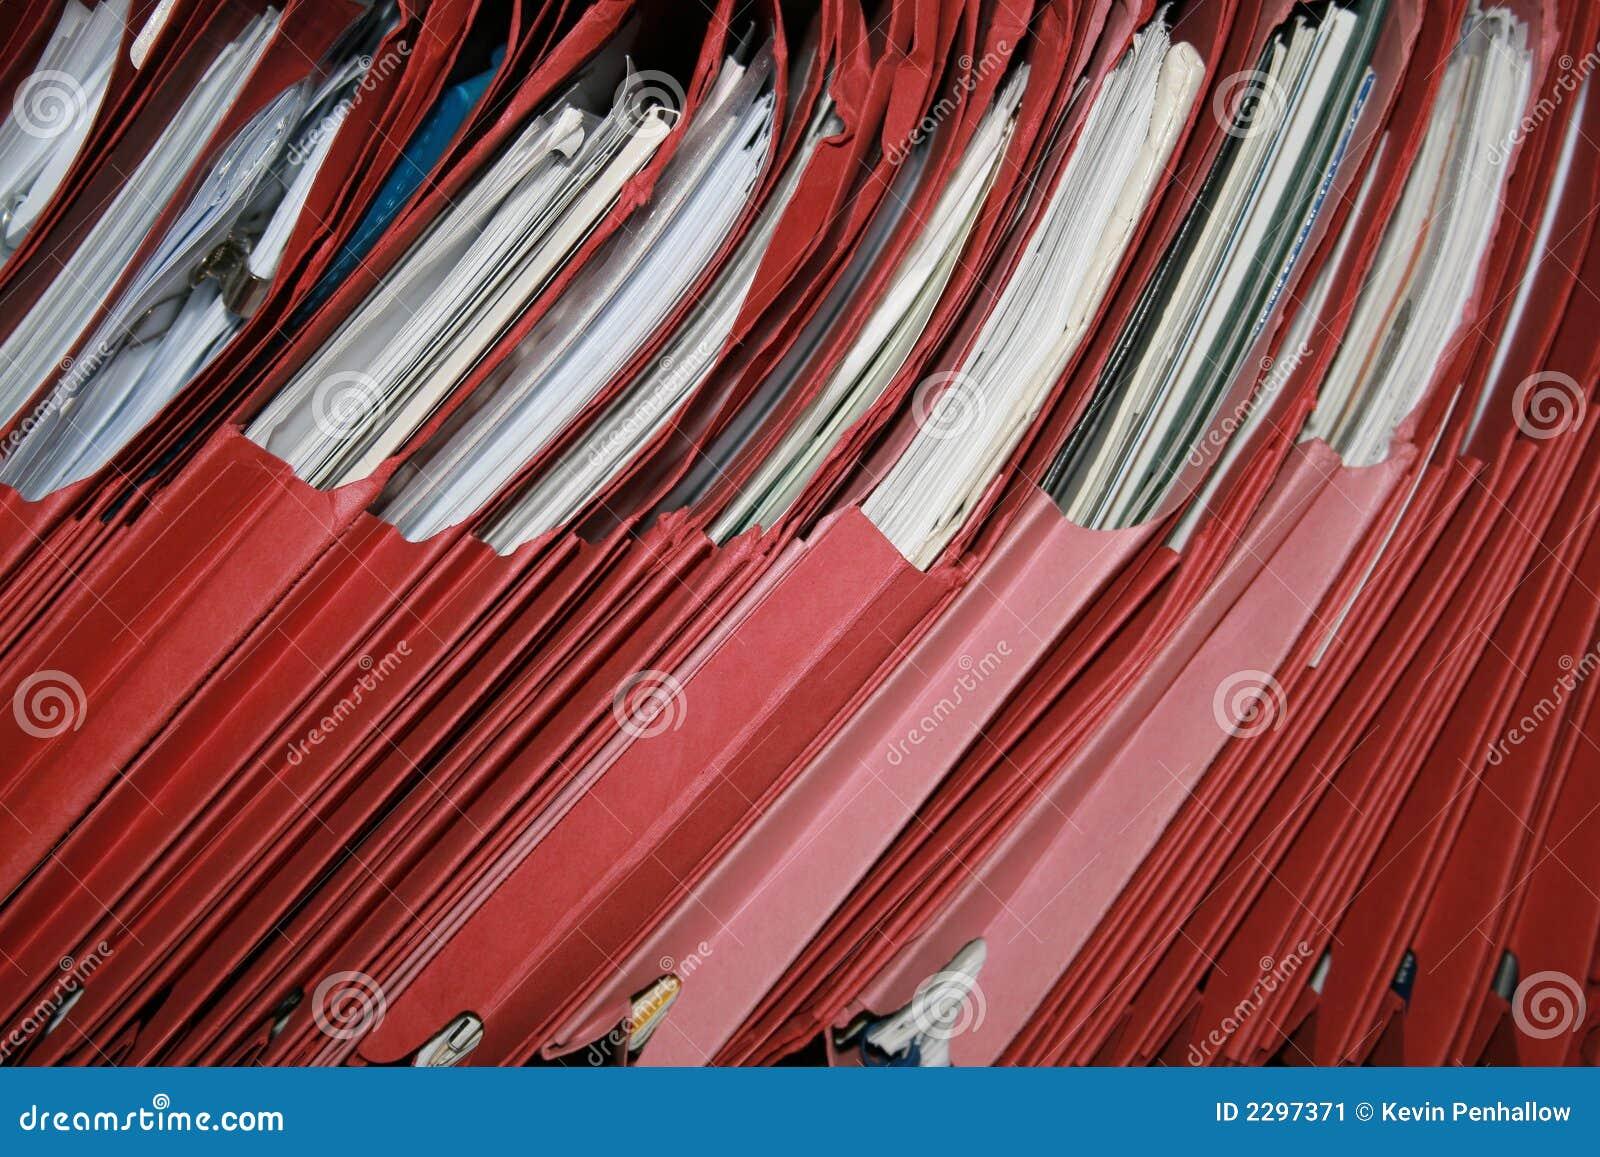 Rote Dateien